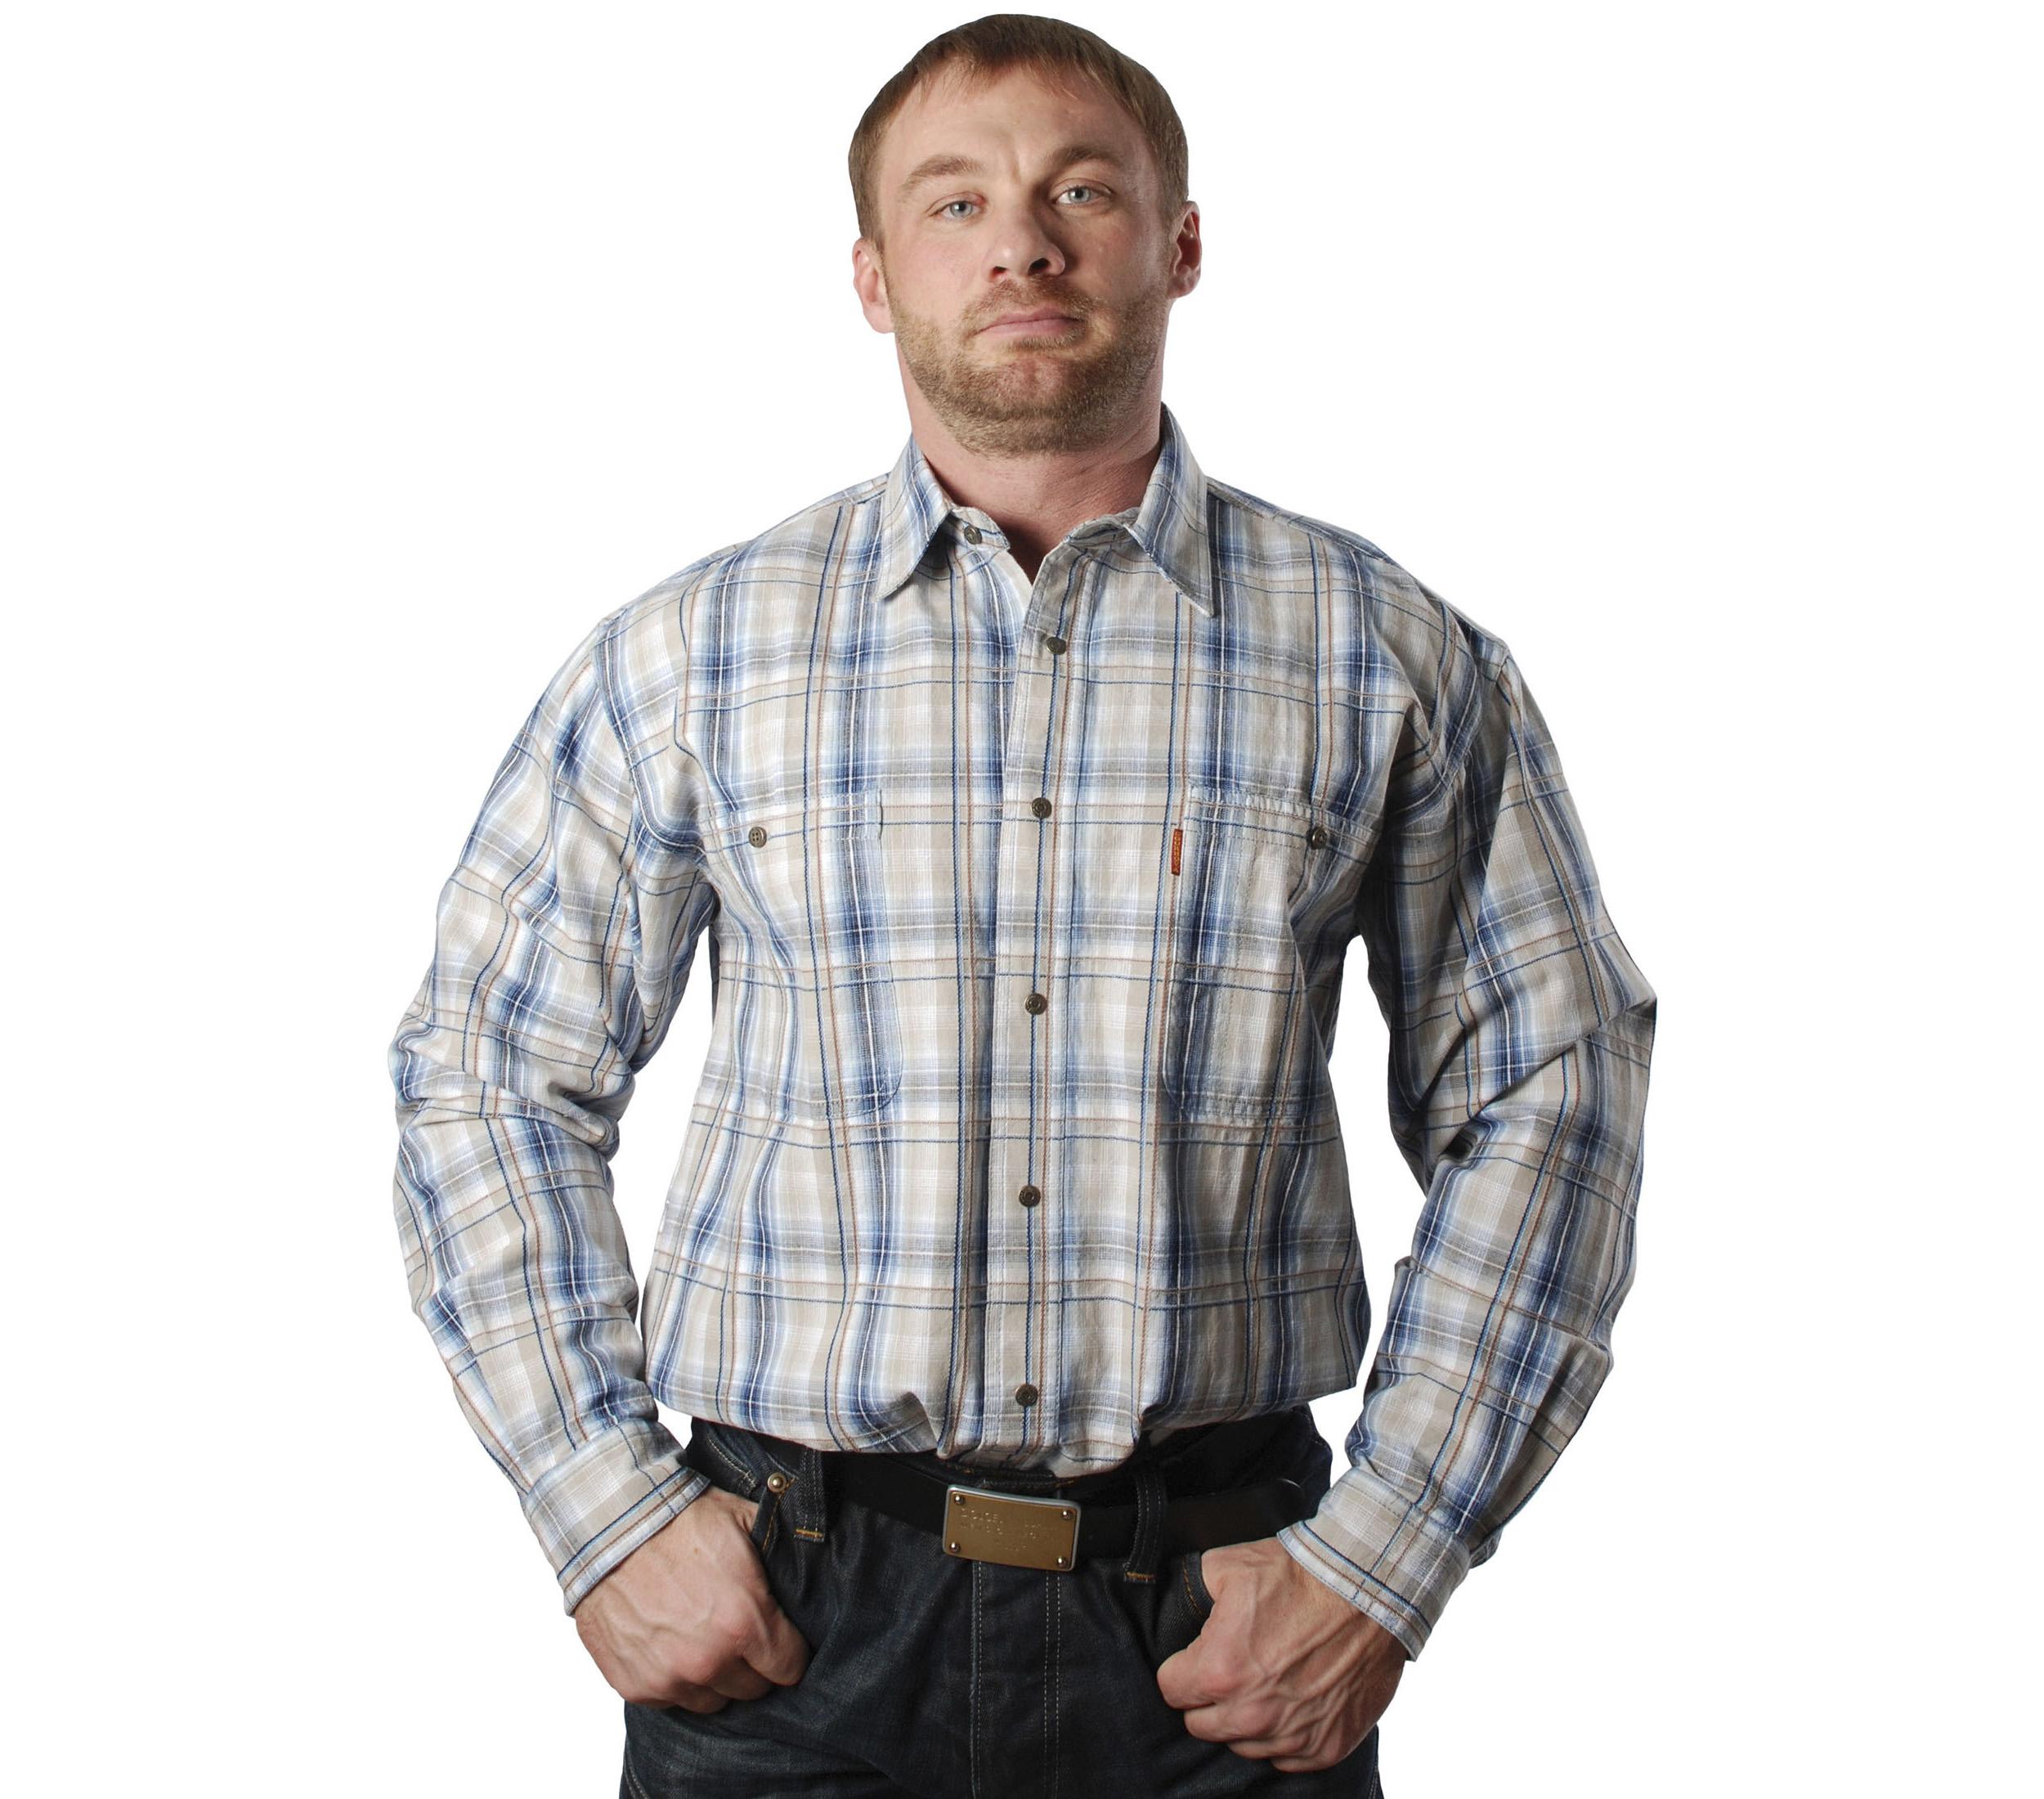 Рубашка в среднюю синюю и бежевую клетку. Материал средней